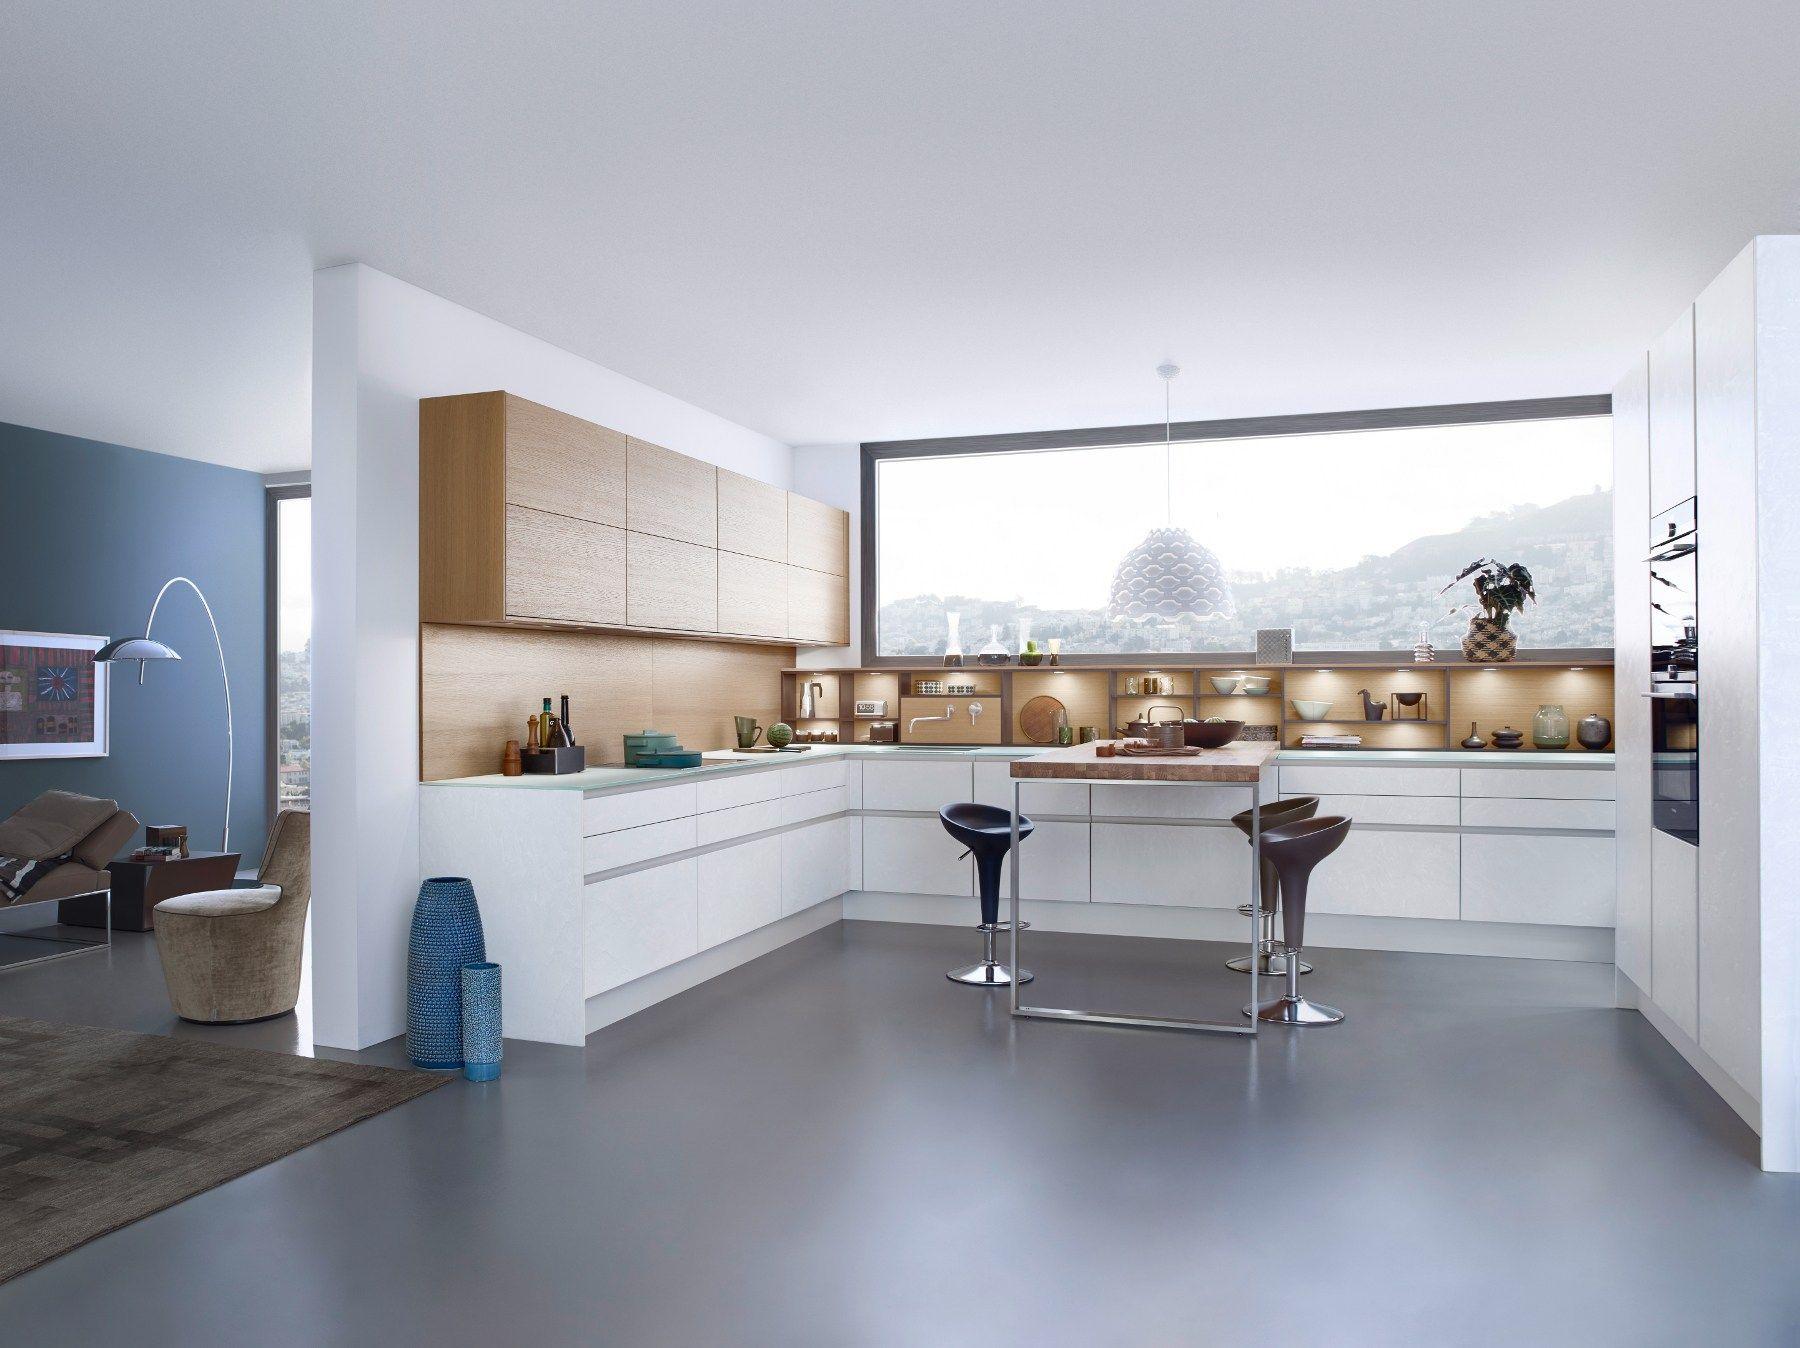 LEICHT Küchen | Modern kitchen design for contemporary living ... | {Leicht küchen logo 21}